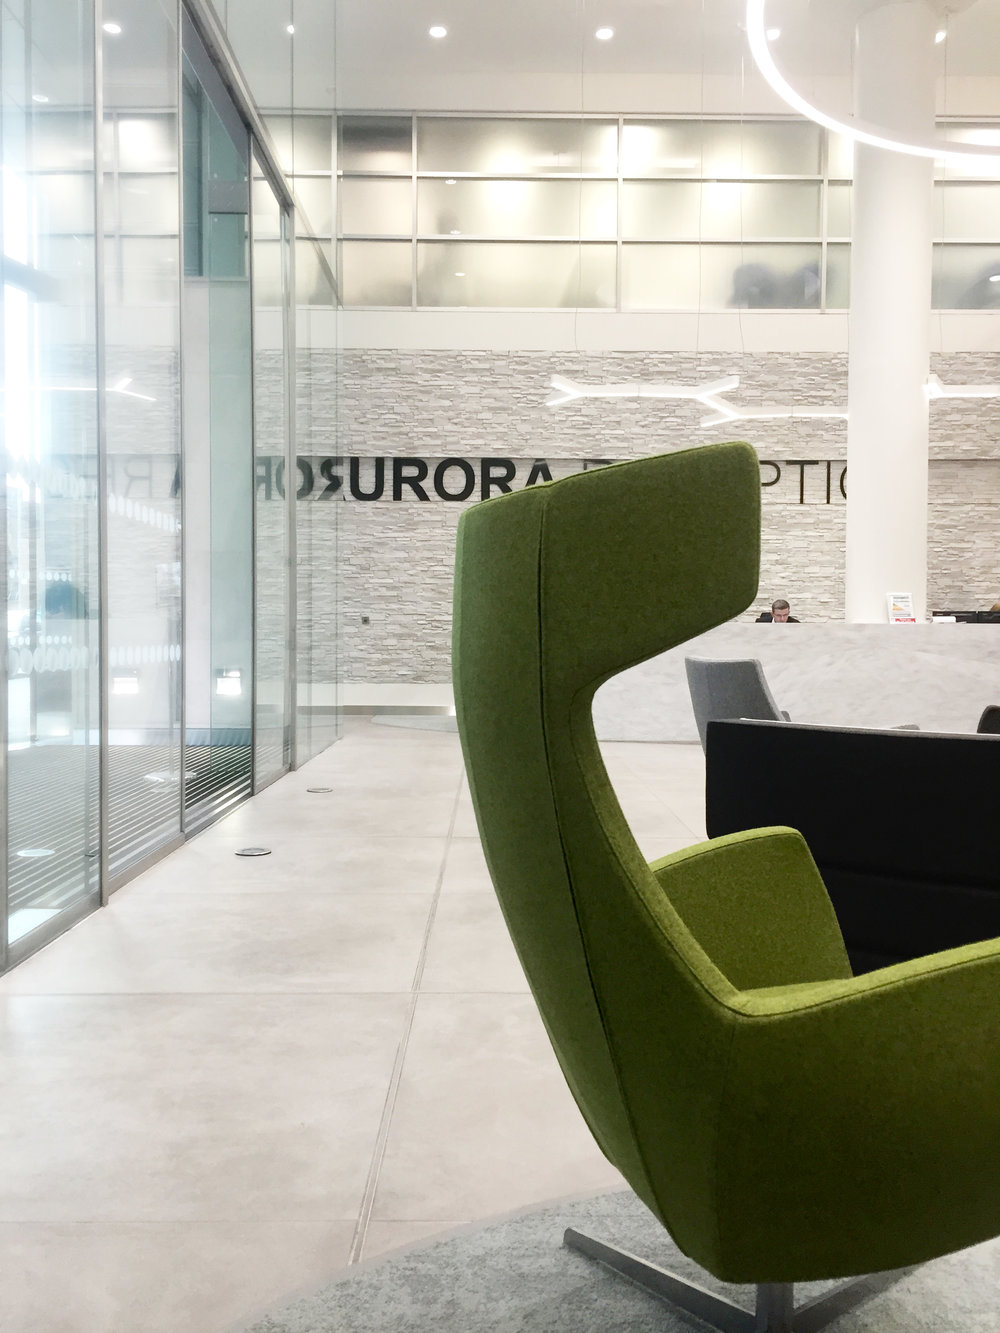 Aurora Reception